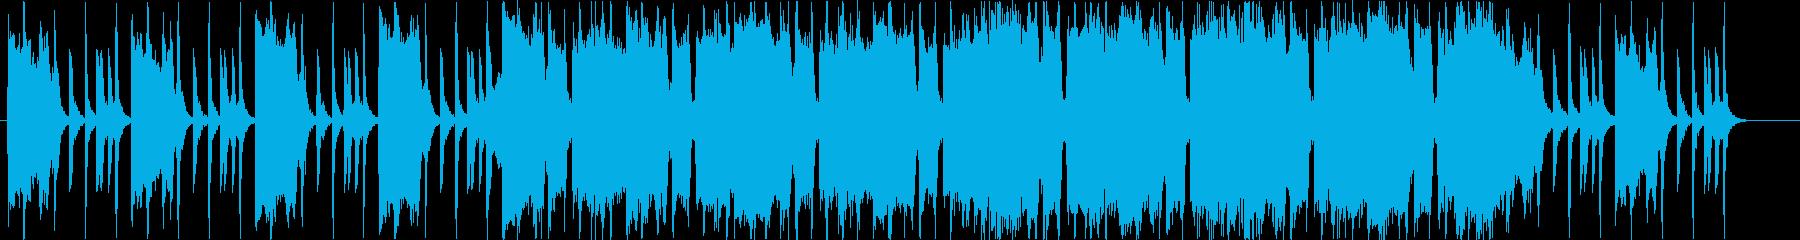 インディーロック・入場・バトル・クラップの再生済みの波形